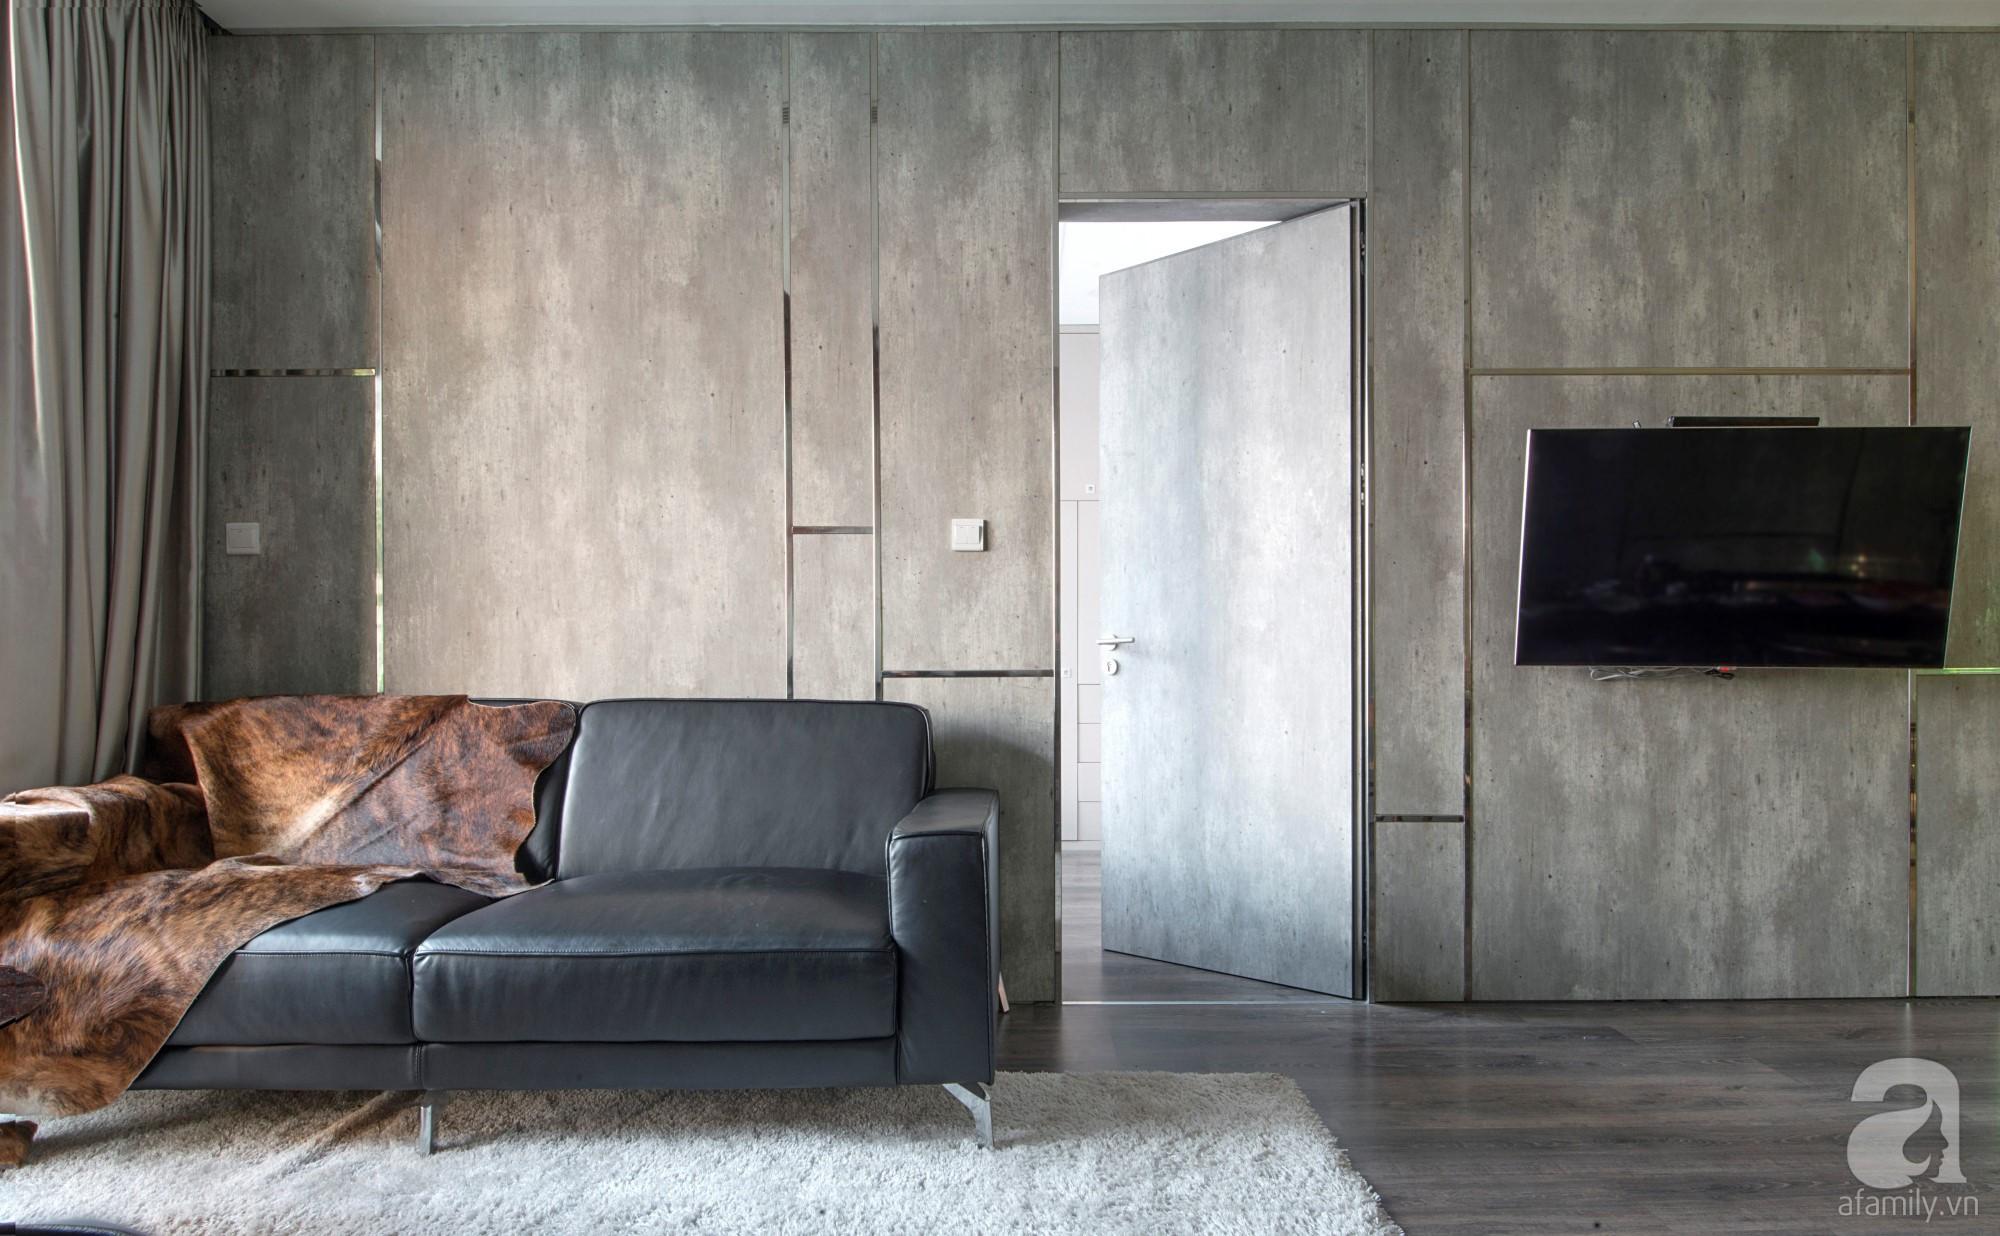 Căn hộ 80m² trên tầng 21 đẹp độc đáo với chi phí cải tạo 780 triệu đồng của chủ nhà yêu cây xanh - Ảnh 7.